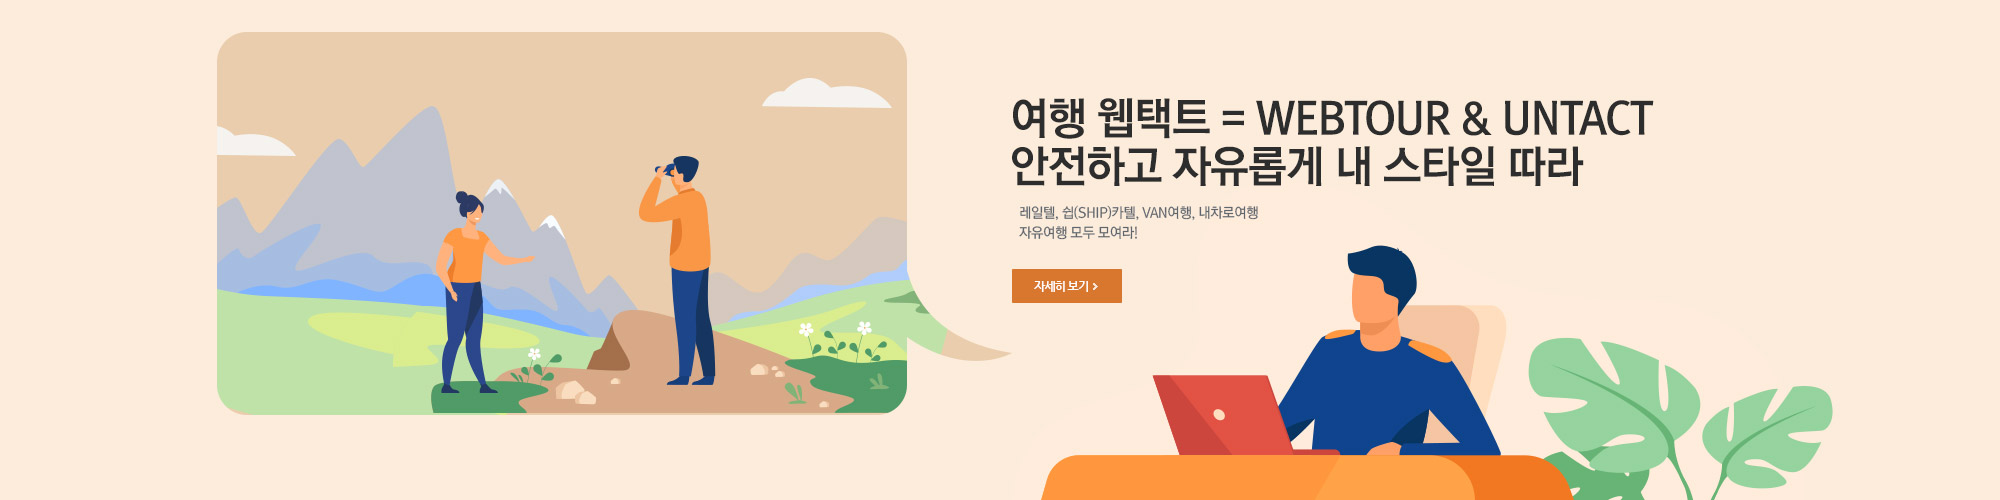 웹(web)택트 자유여행